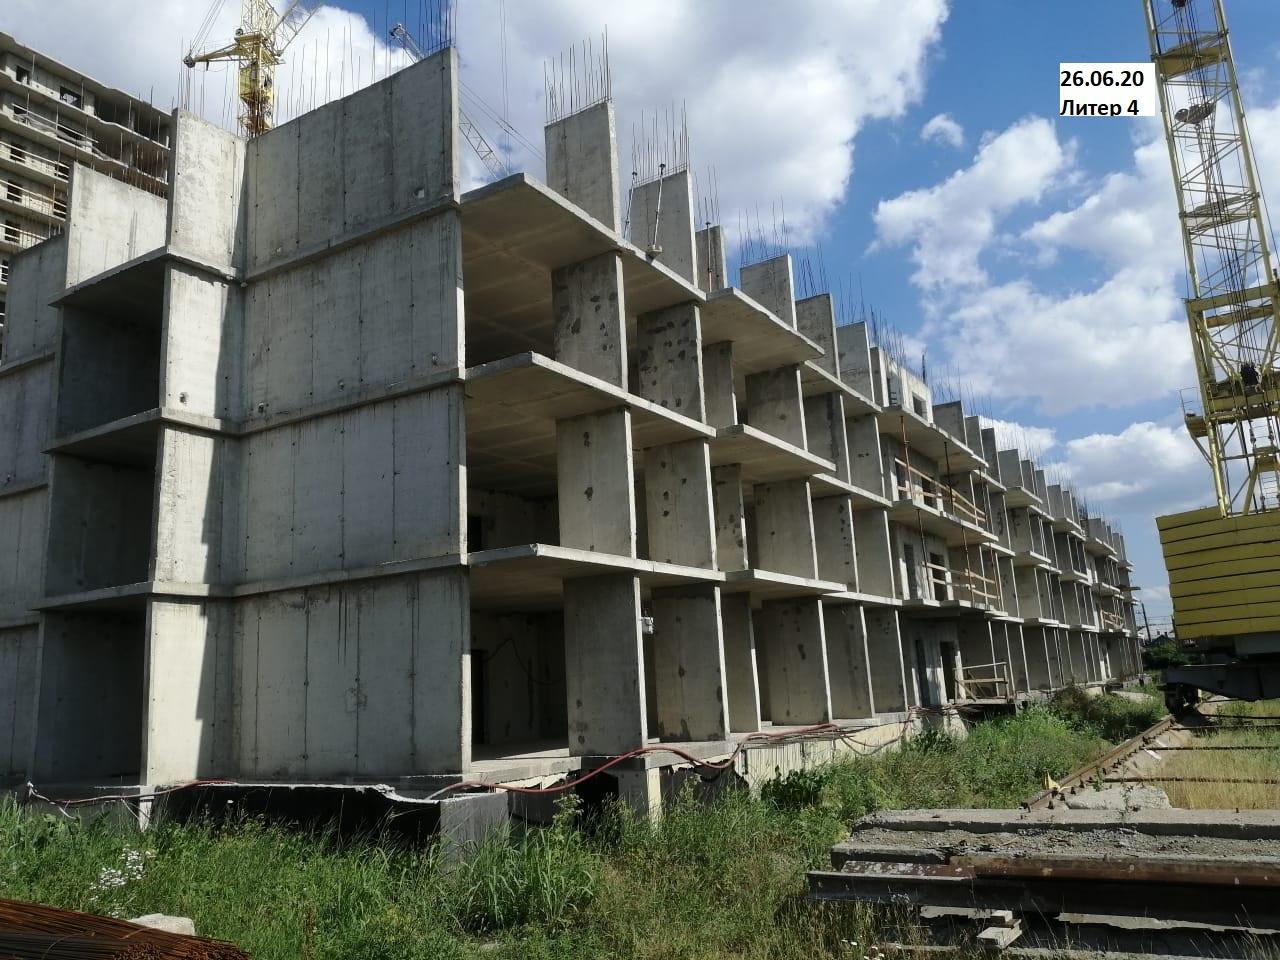 Отчет о строительстве ЖК «Акварели 2», июнь, 2020г.